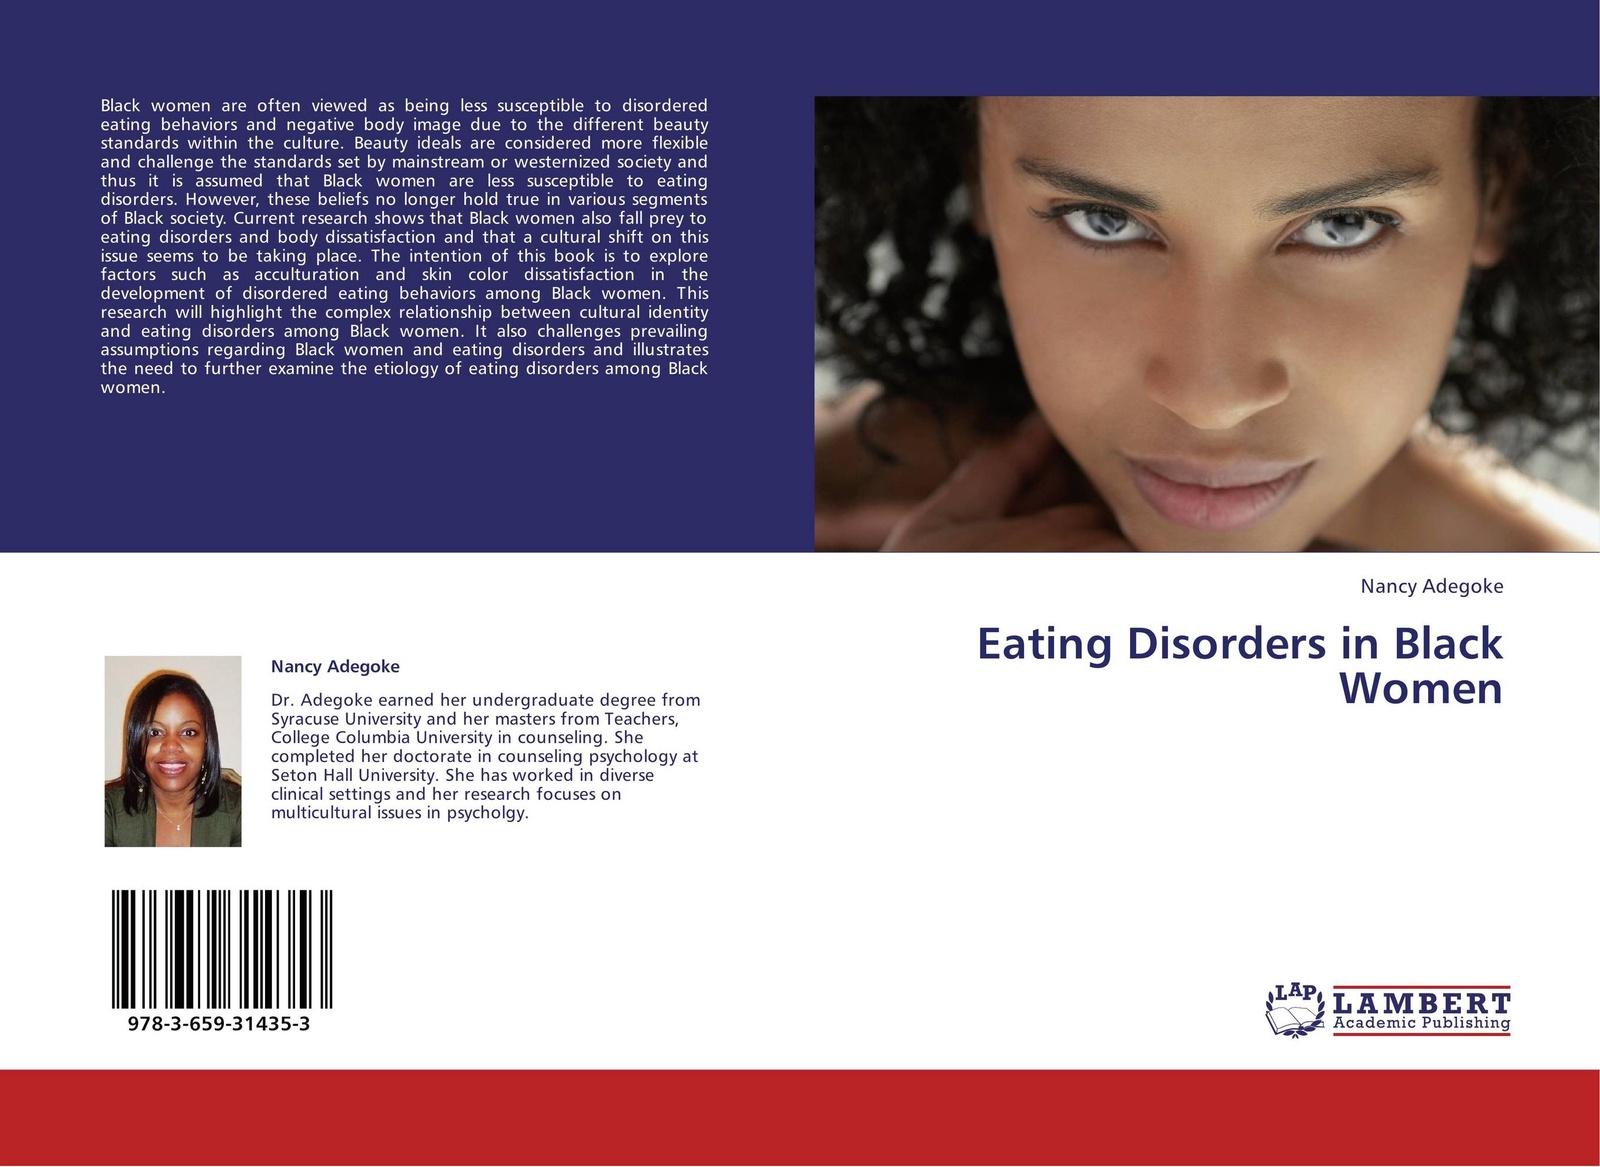 Nancy Adegoke Eating Disorders in Black Women levine michael p the wiley handbook of eating disorders